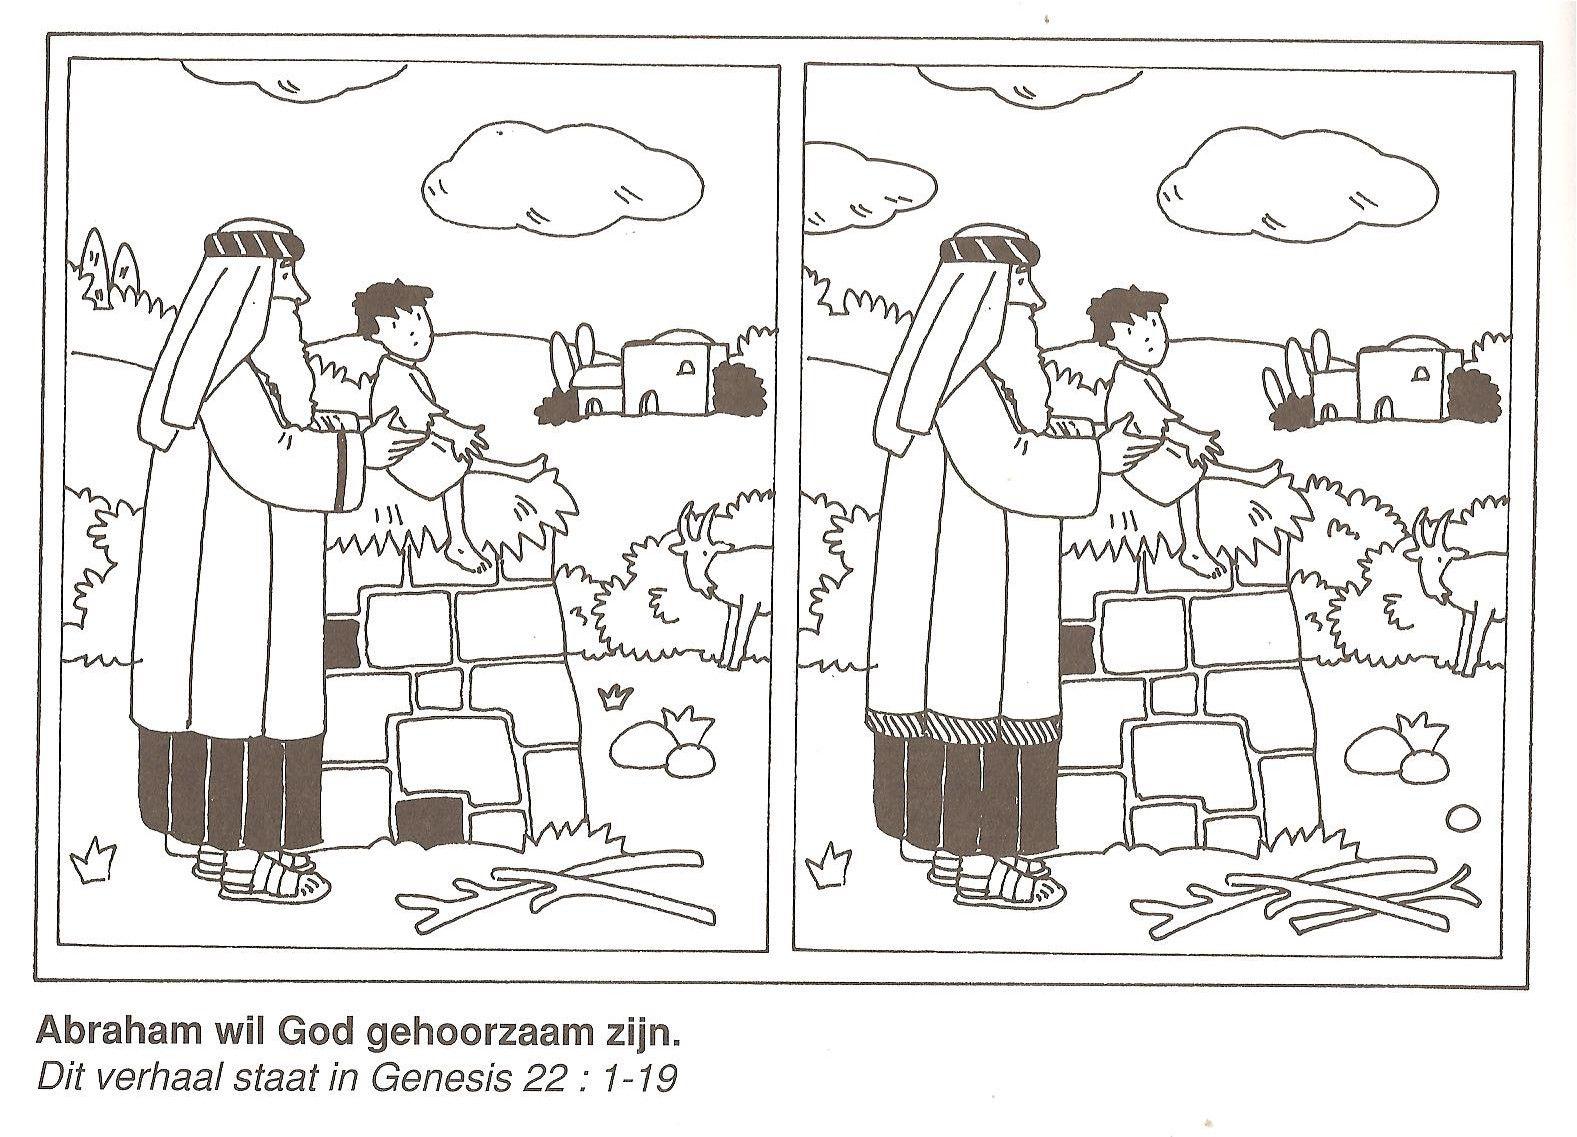 hight resolution of Abraham wil God gehoorzaam zijn